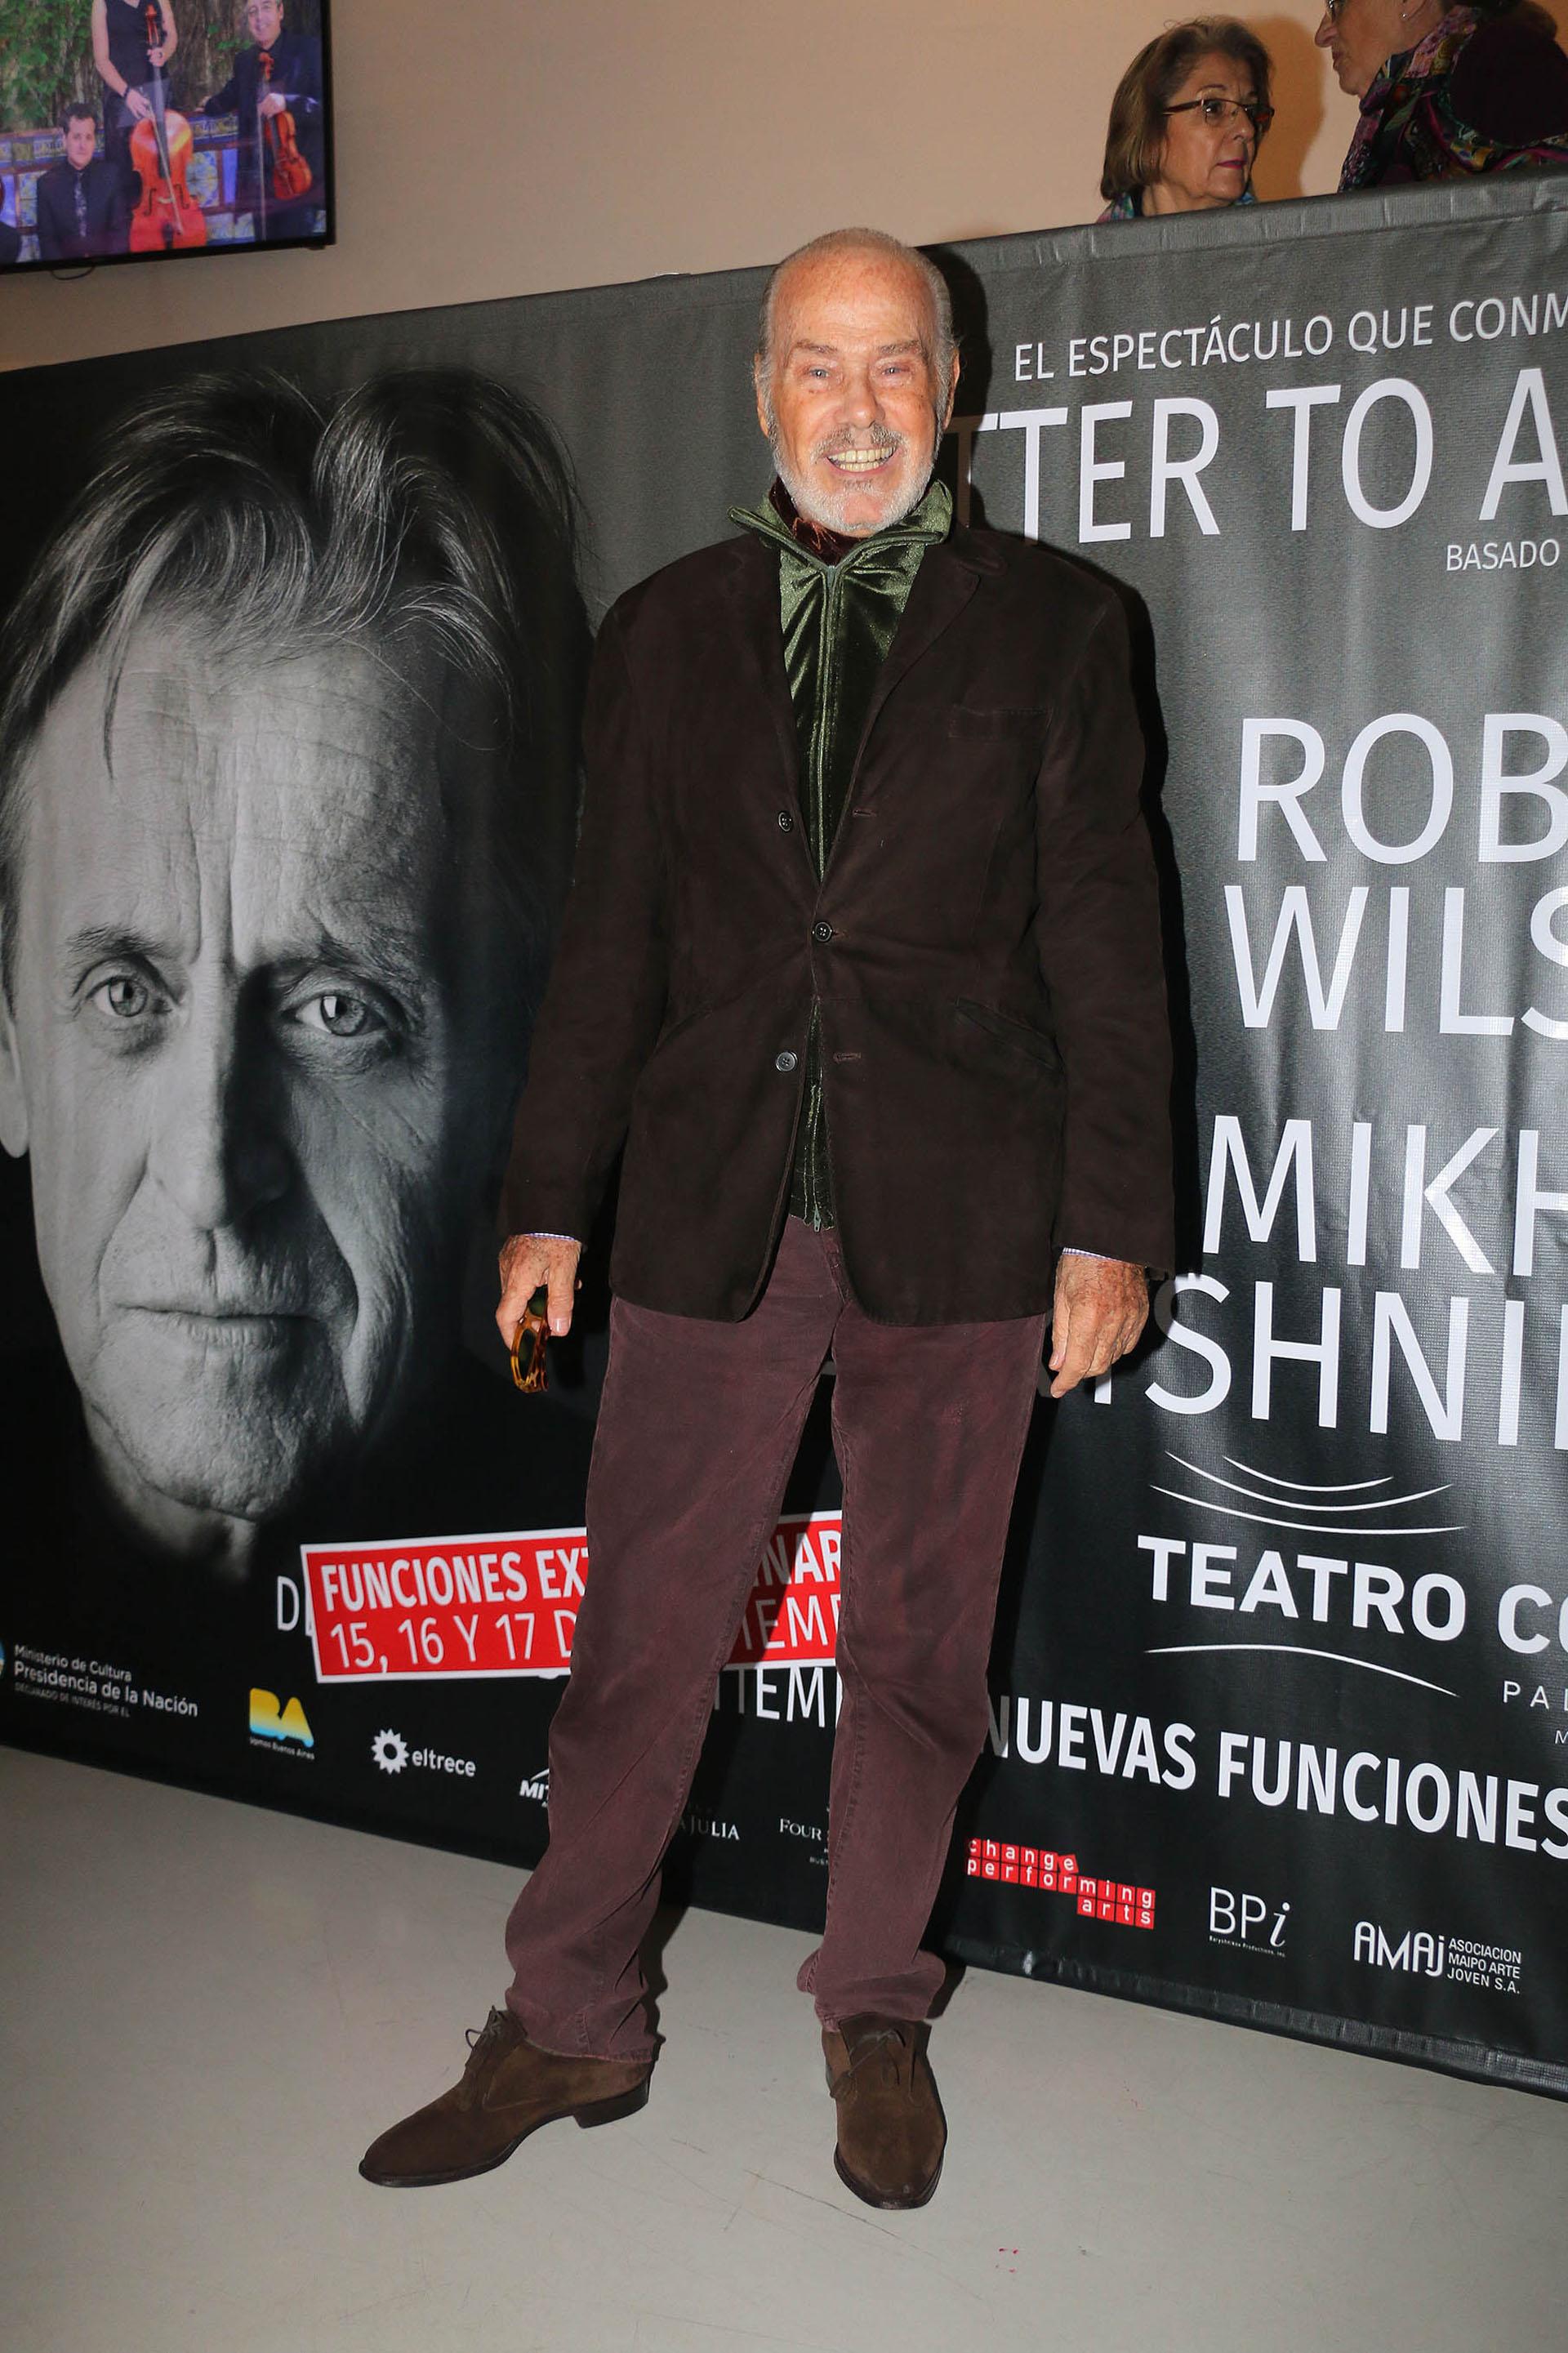 Los looks de los famosos en el espect culo de mikhail for Espectaculos de famosos